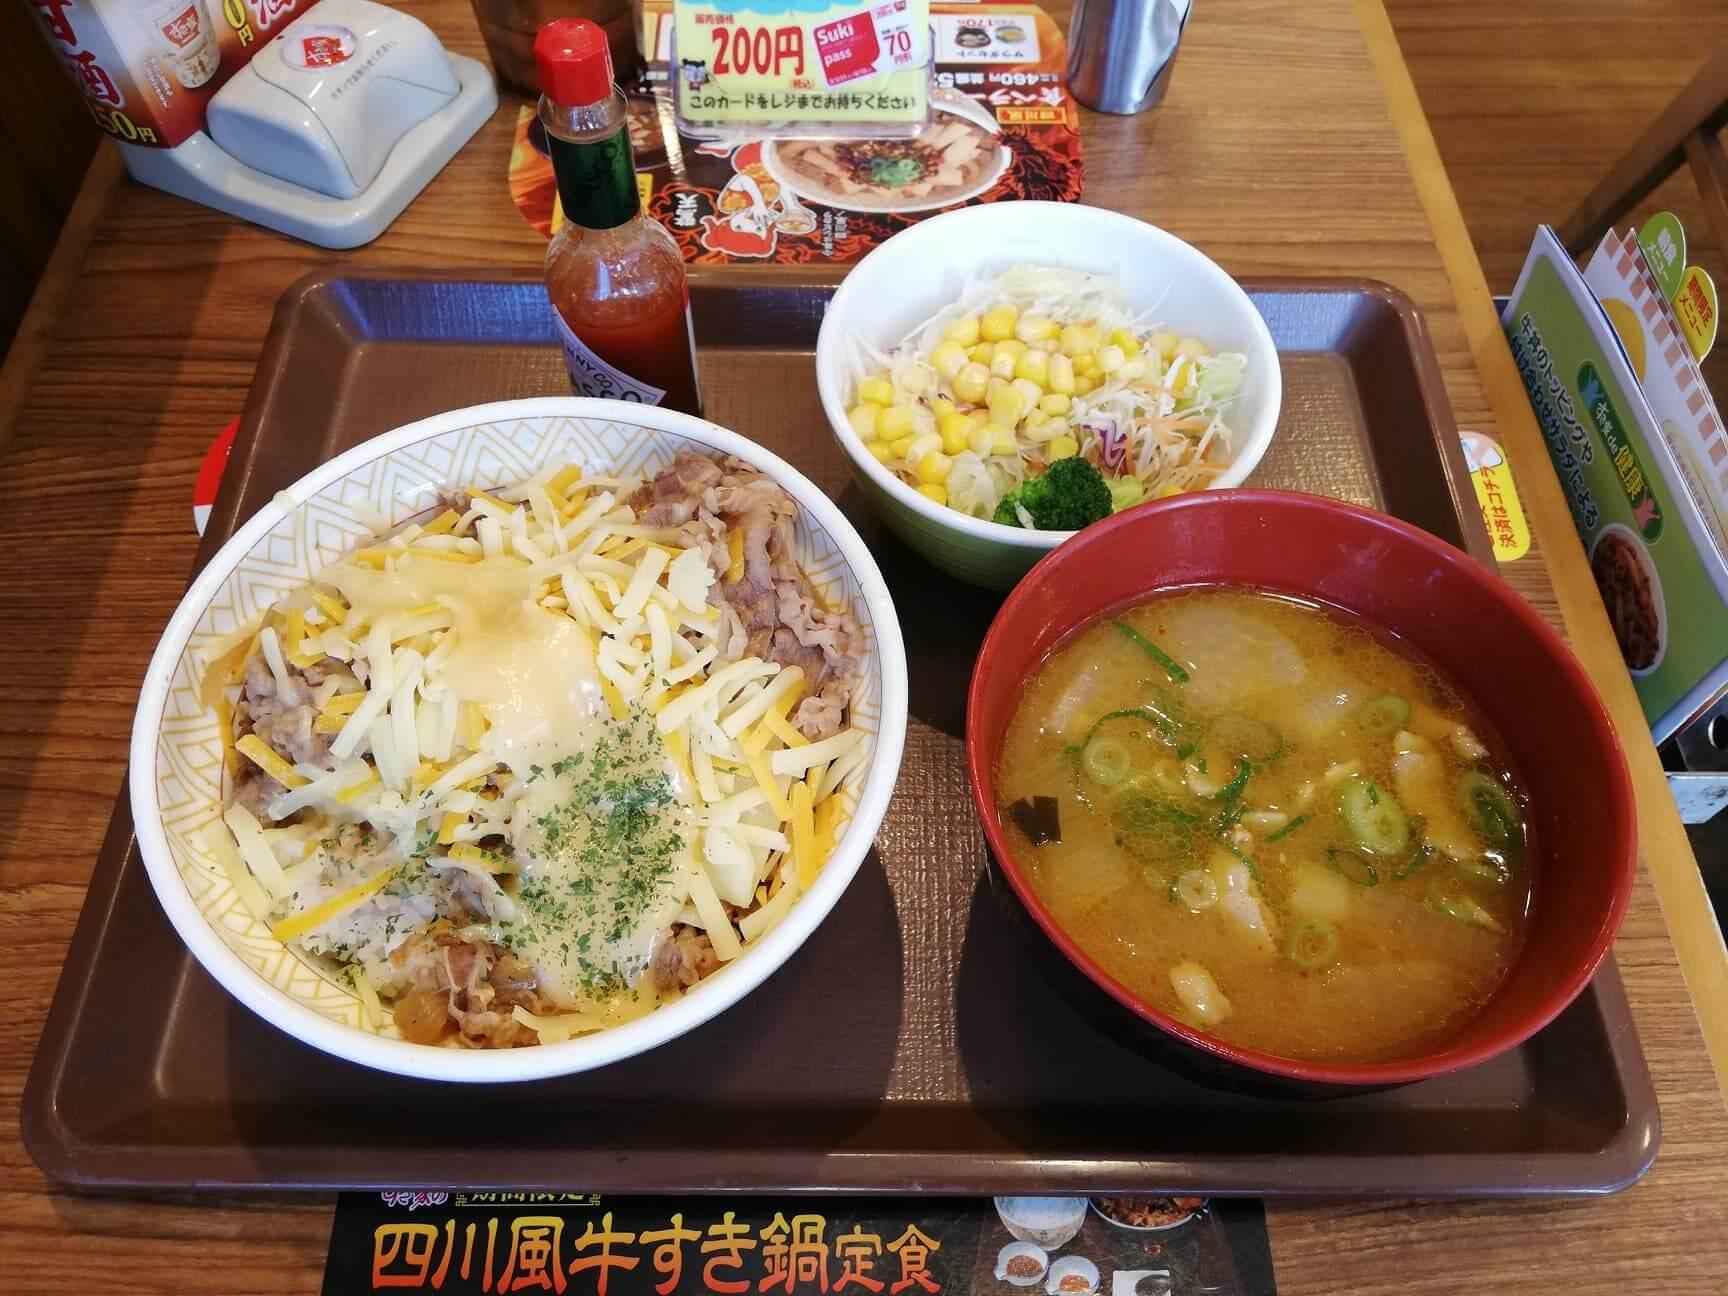 すき家の『とろーり3種のチーズ牛丼カレーとん汁サラダセット』の写真